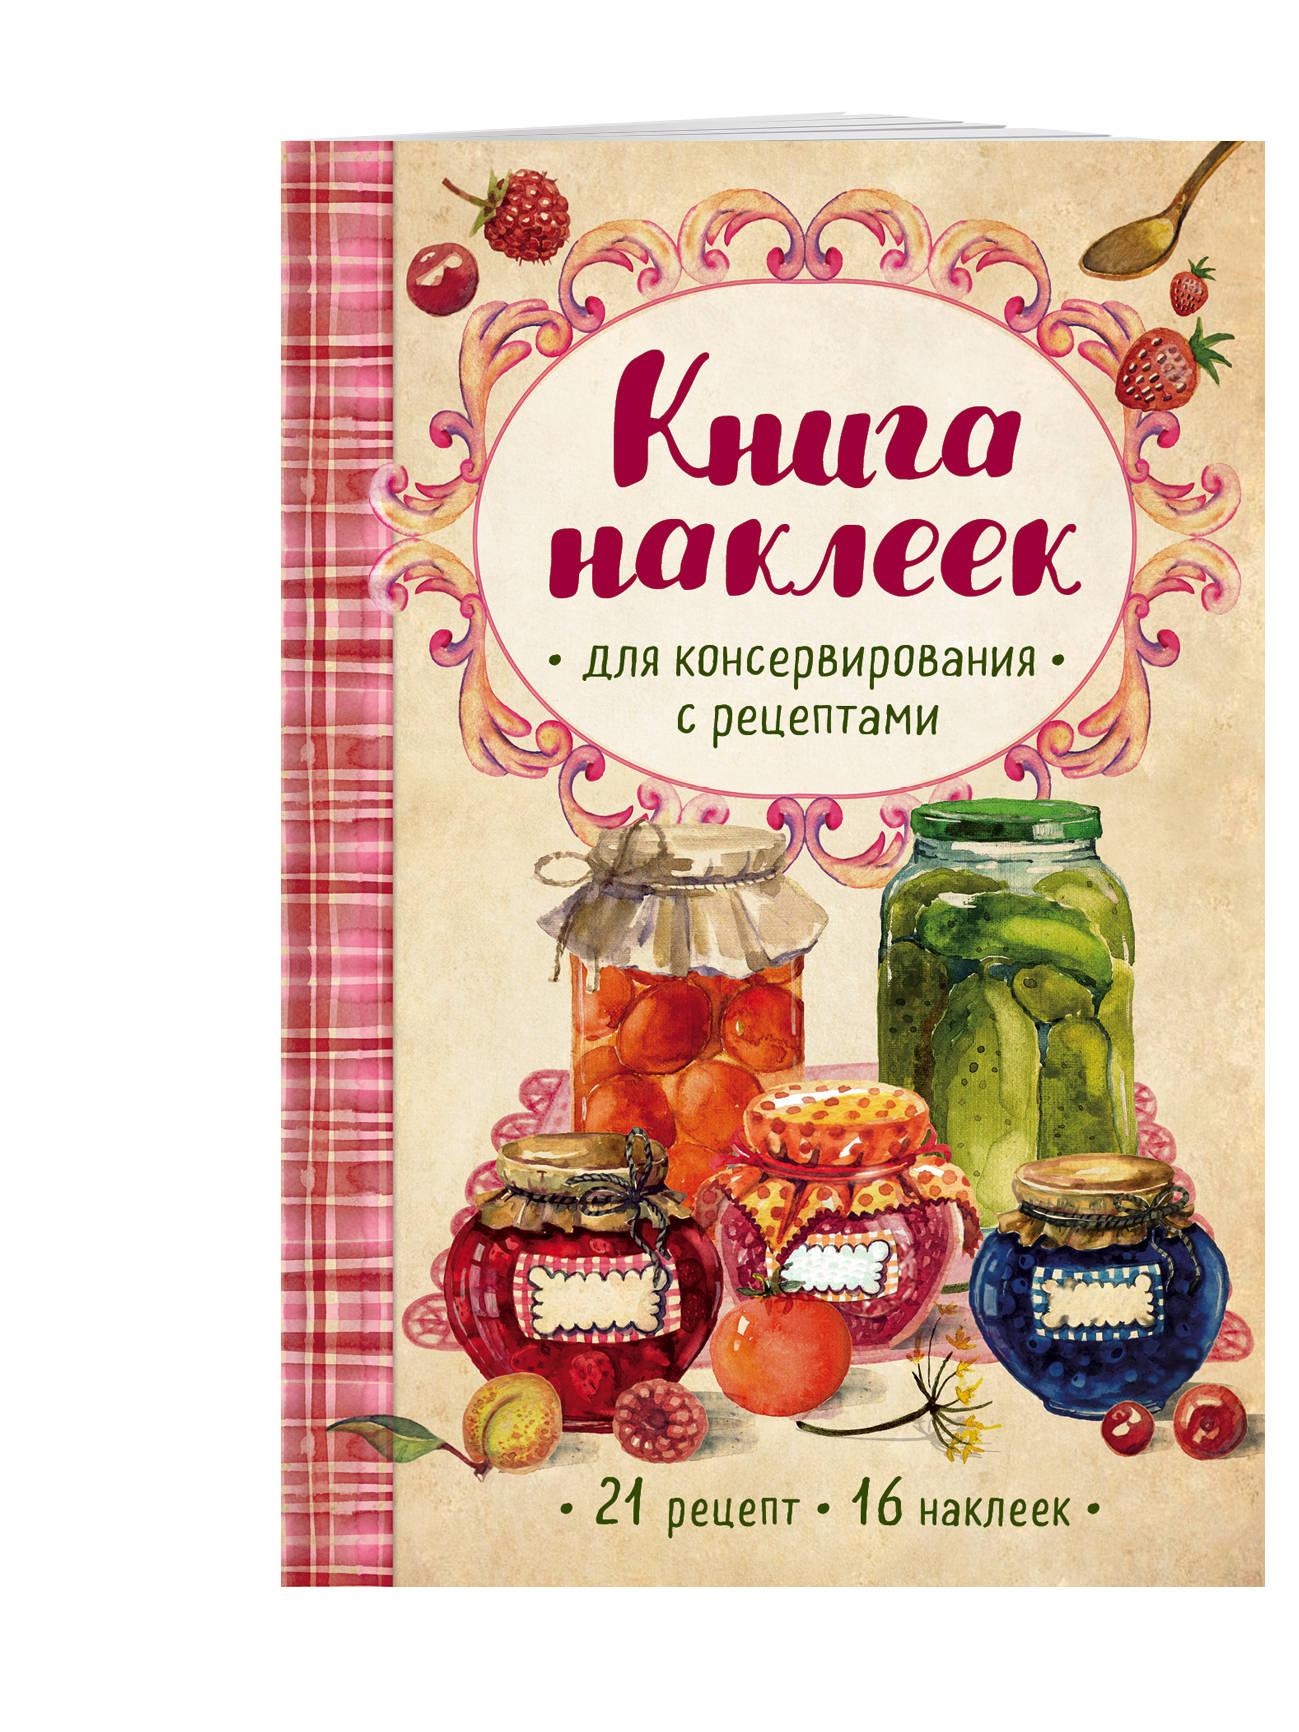 Ольхов О. Книга наклеек для консервирования с рецептами (нов.)